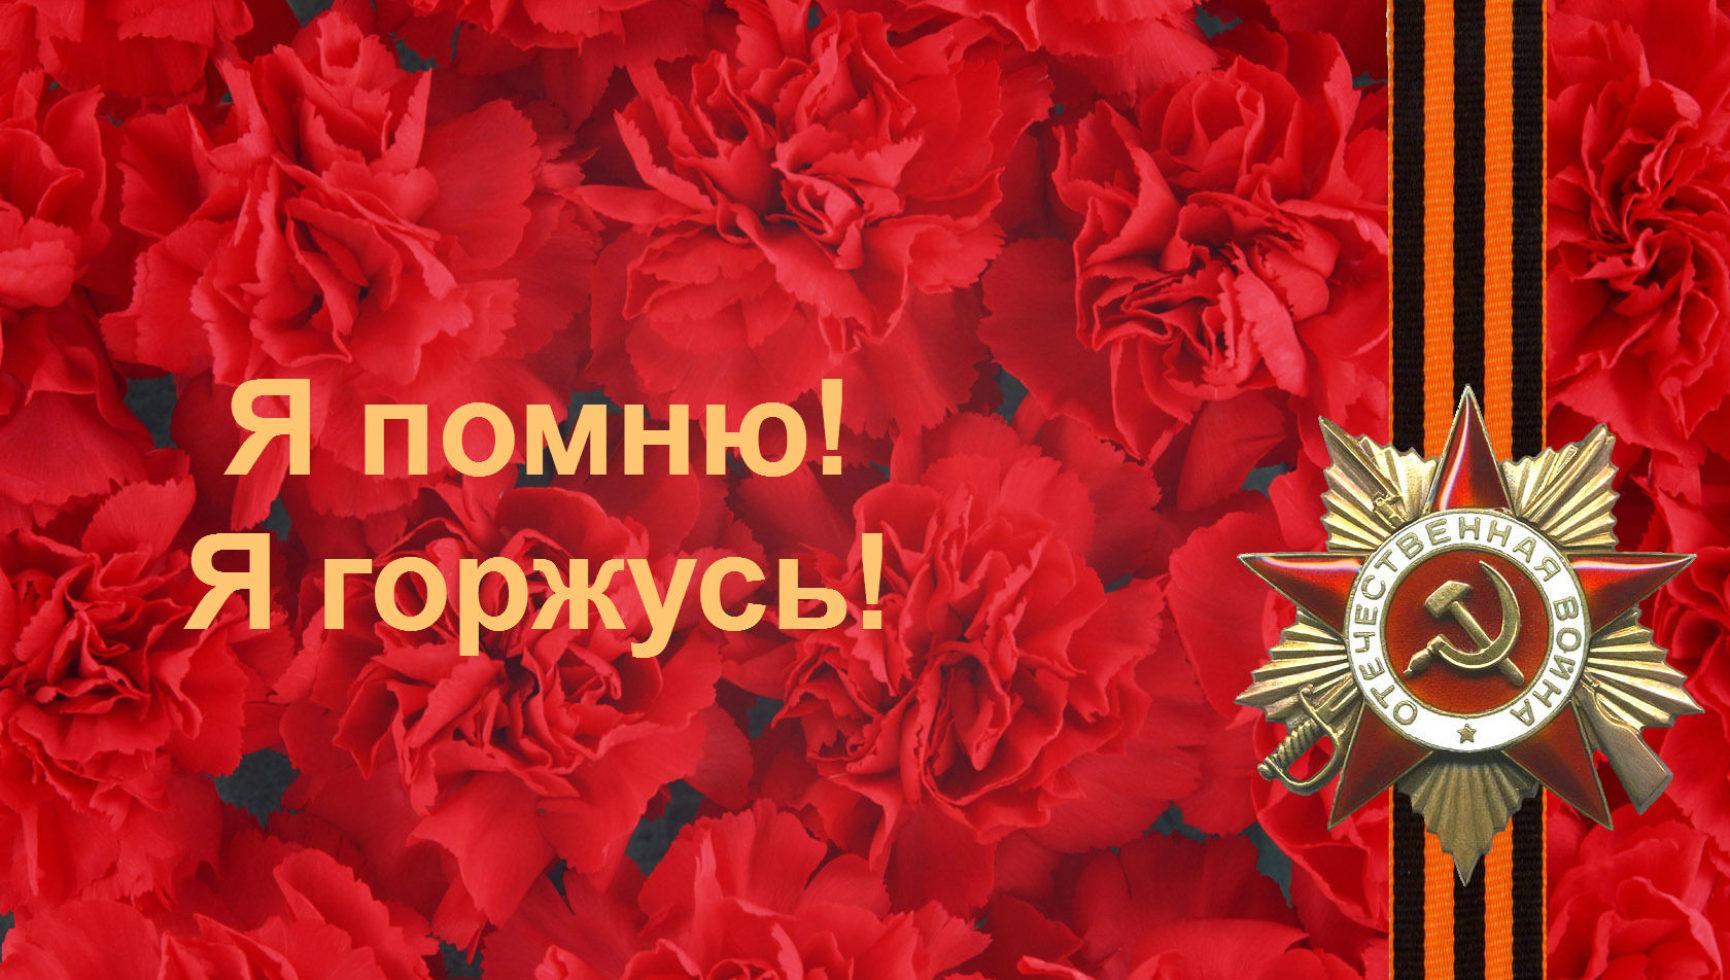 Поздравление с 73-й годовщиной Победы в Великой Отечественной войне